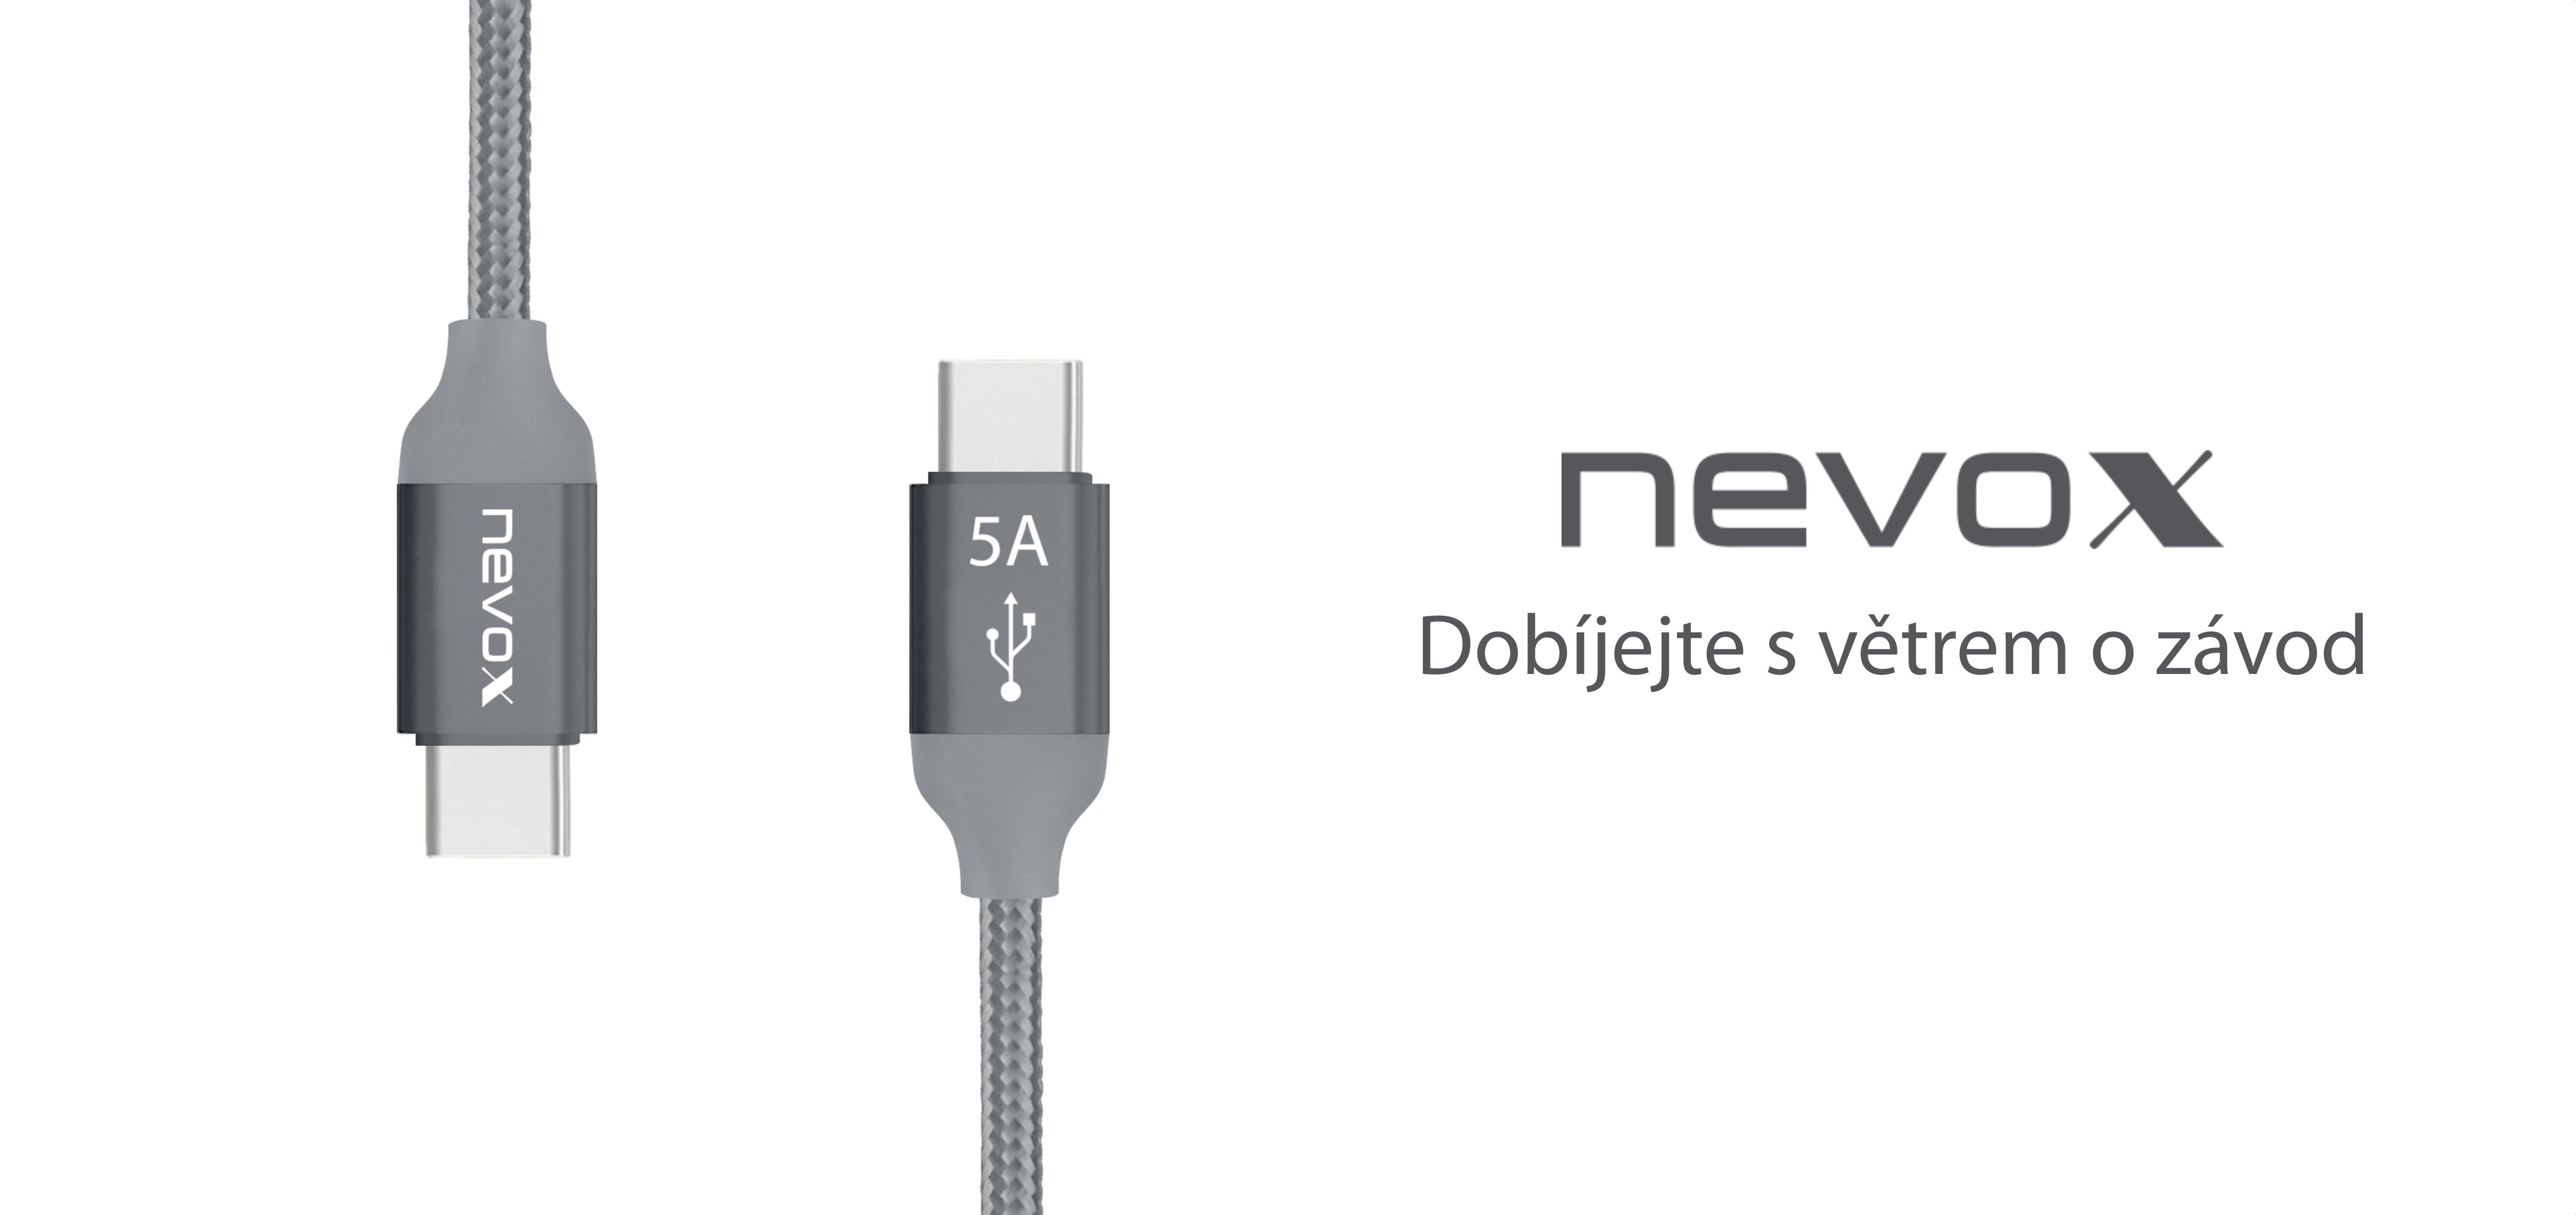 Nevox